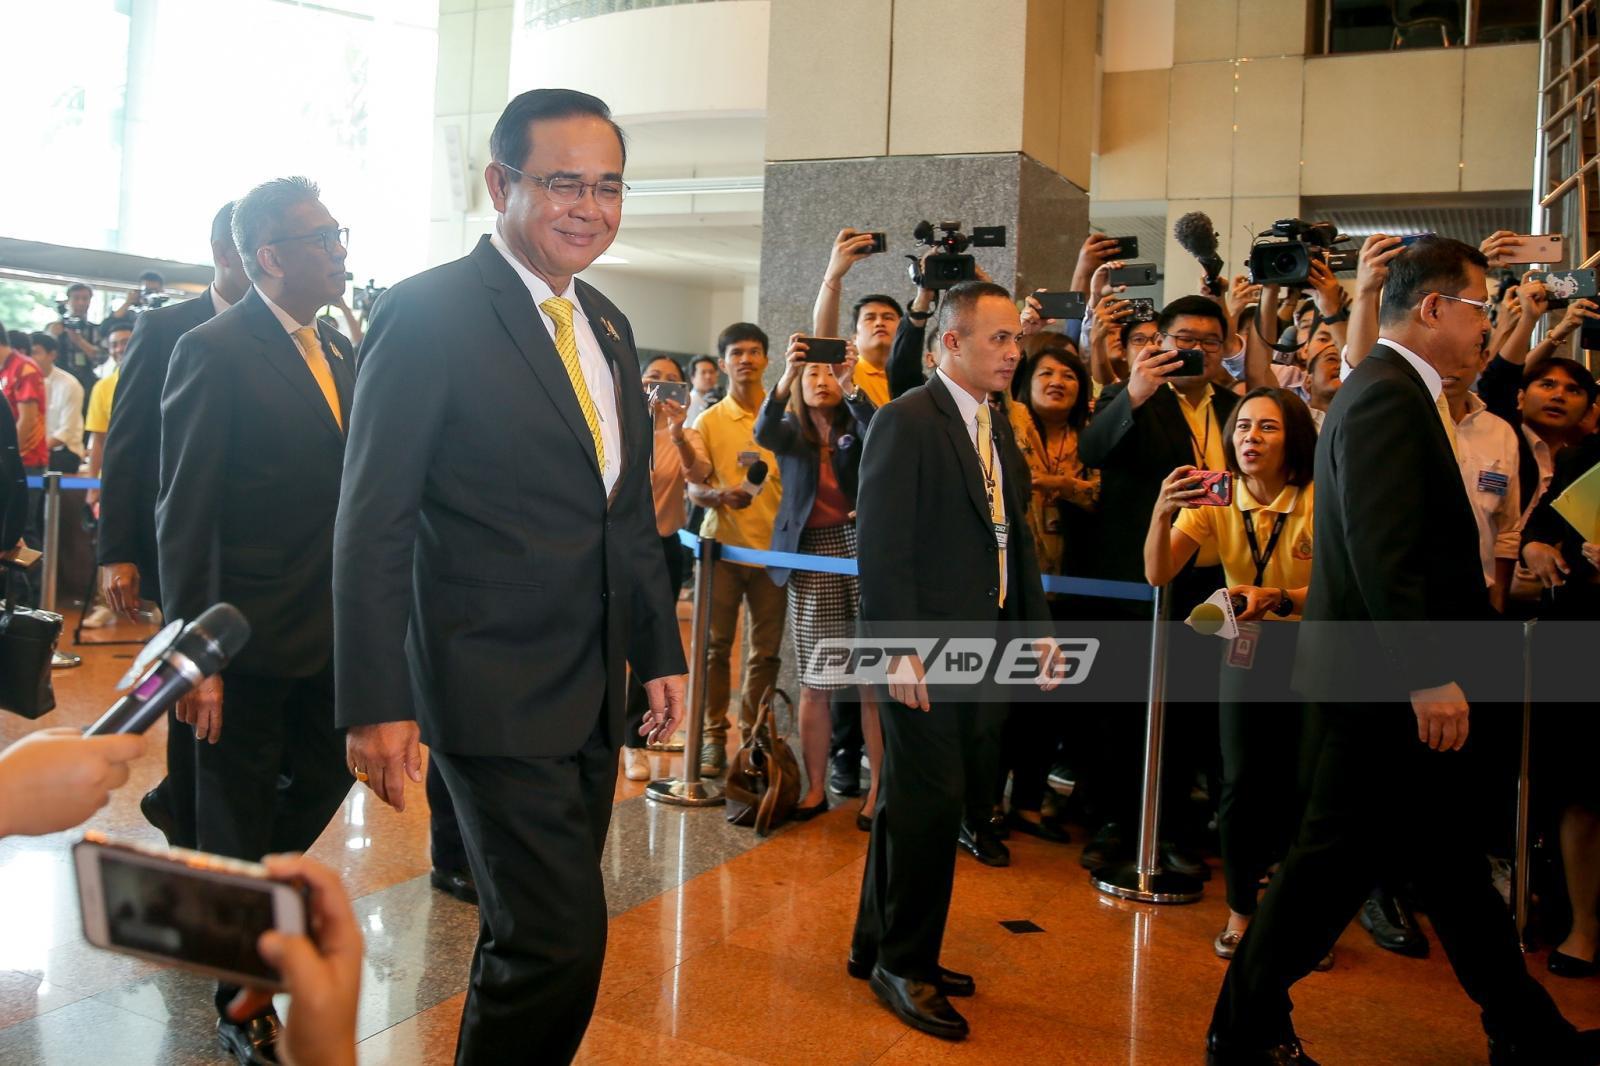 """""""ประยุทธ์"""" โพสต์อ้อน ปชช.ขอให้เชื่อมั่นรัฐบาล ลั่นพร้อมบริหารประเทศเพื่อคนไทยทุกคน"""